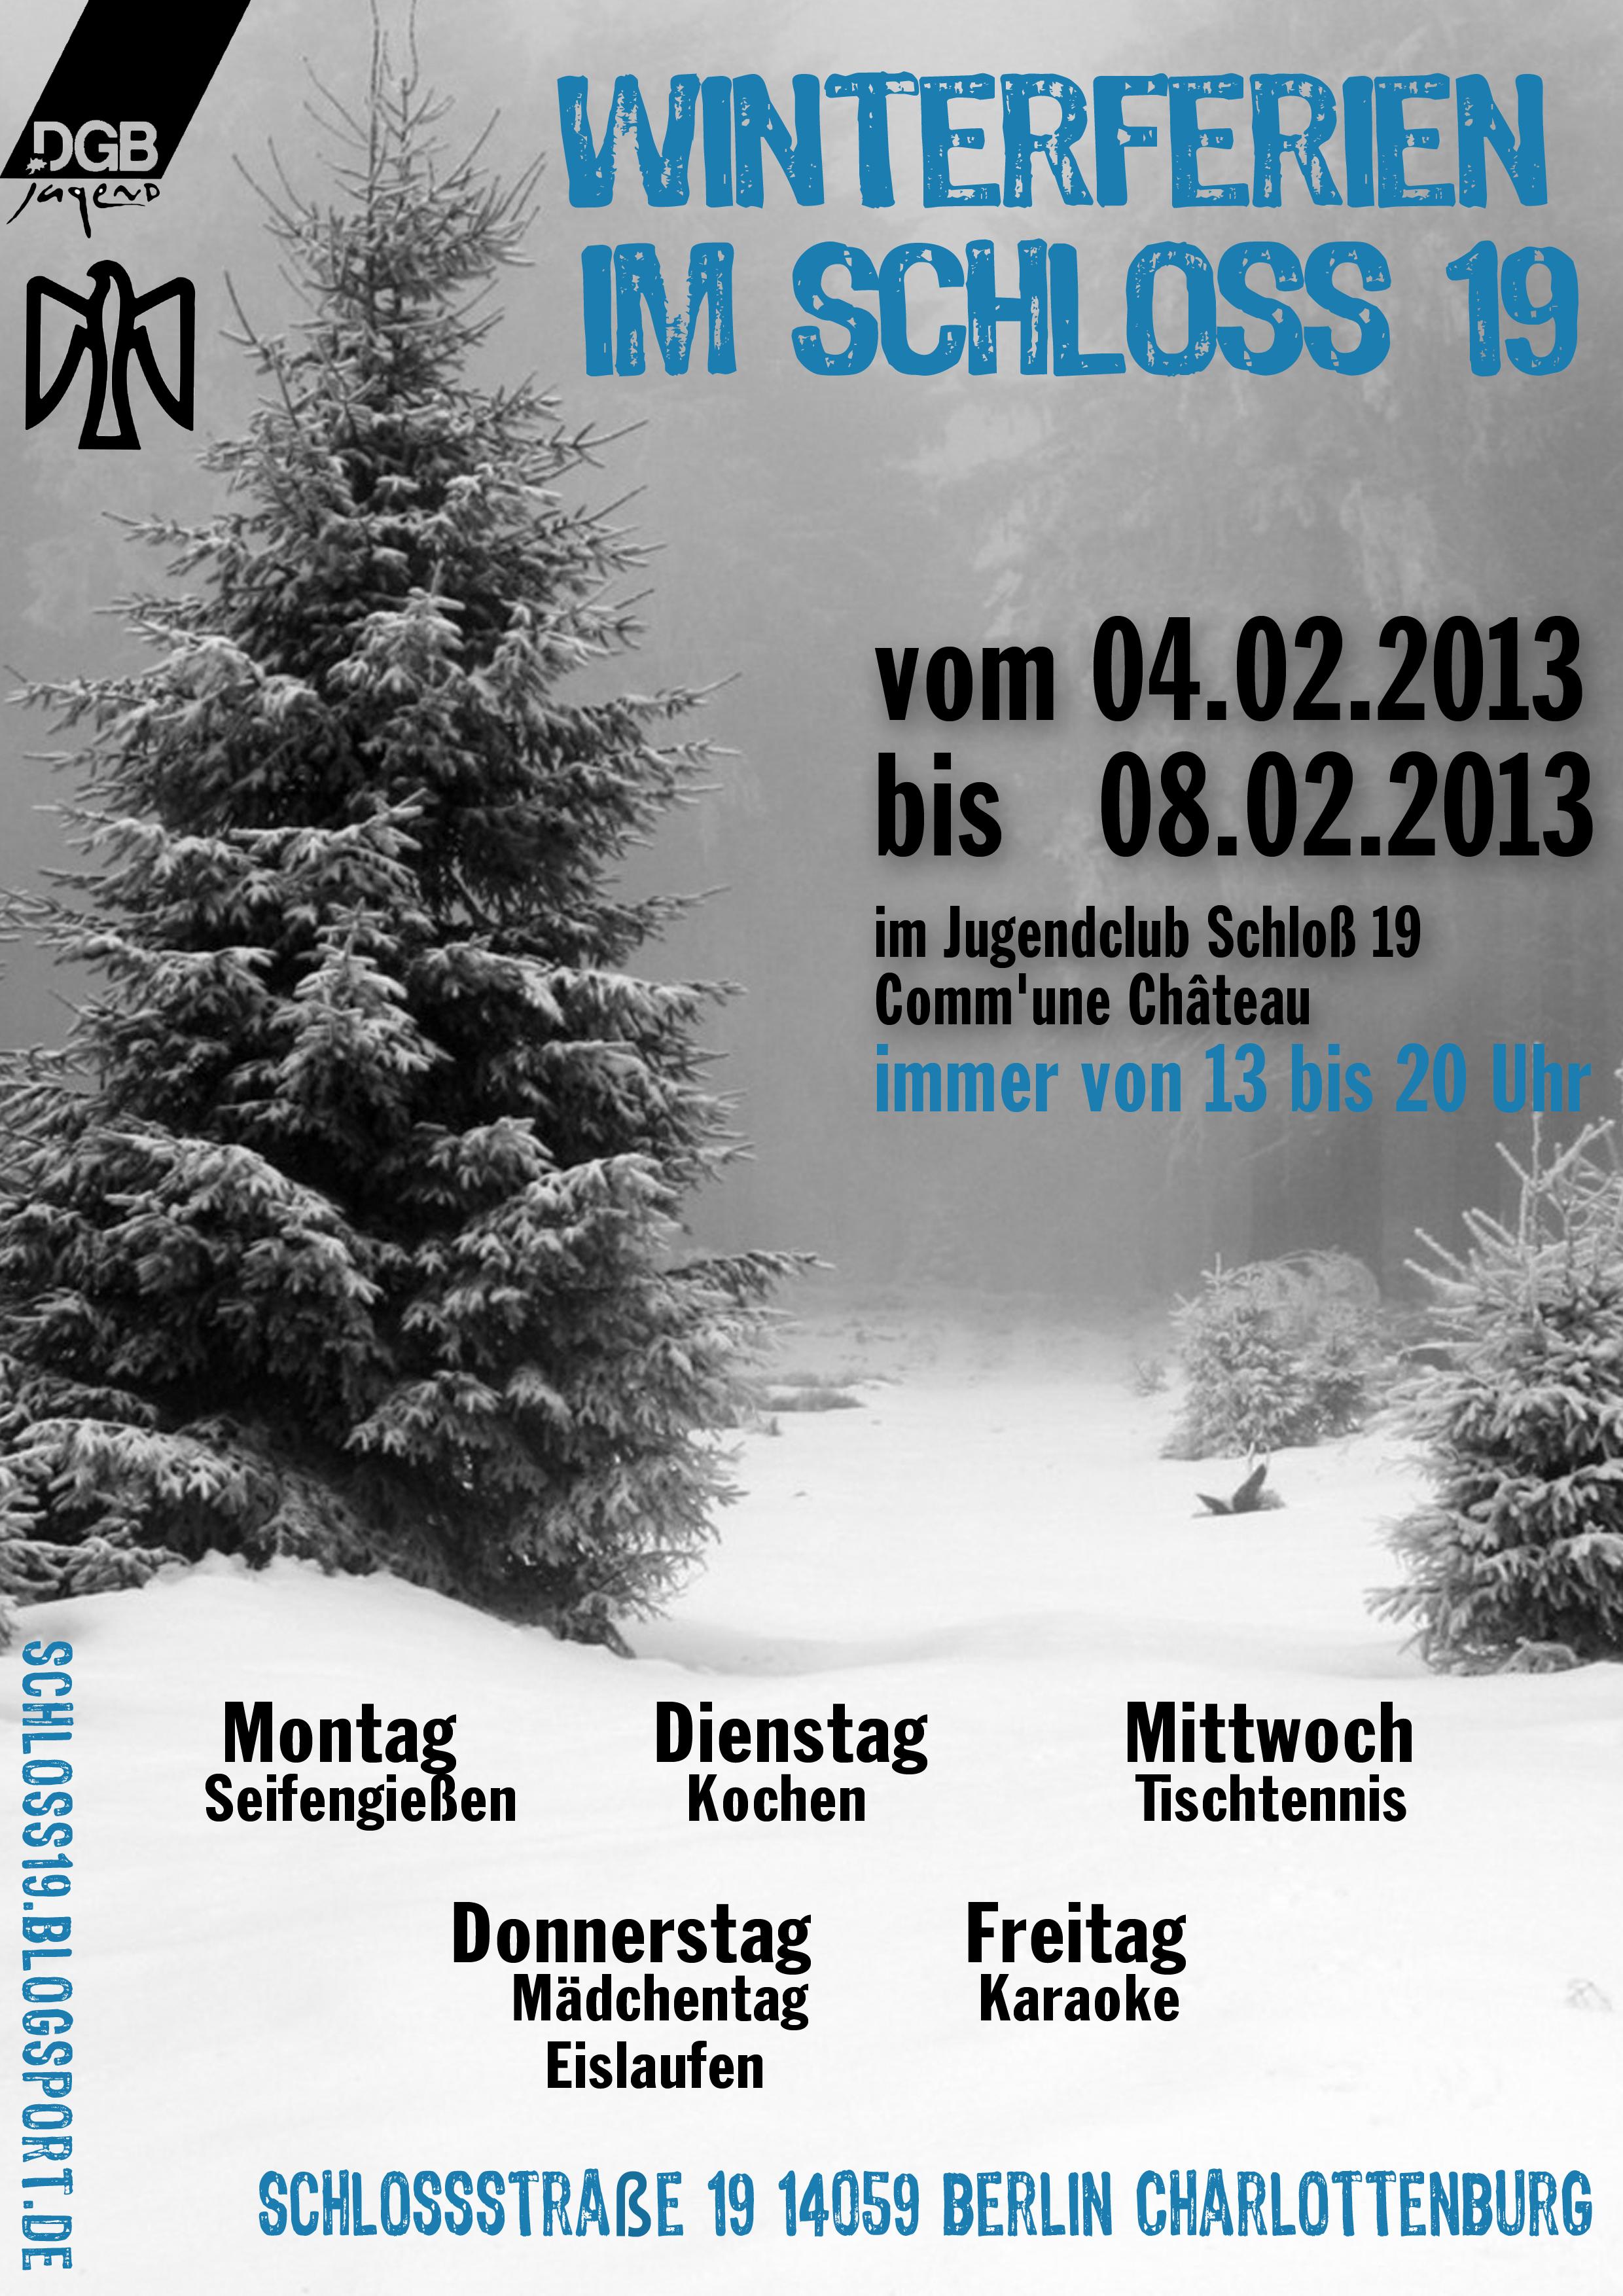 Winterferien 2013 Schloss19 falken Berlin